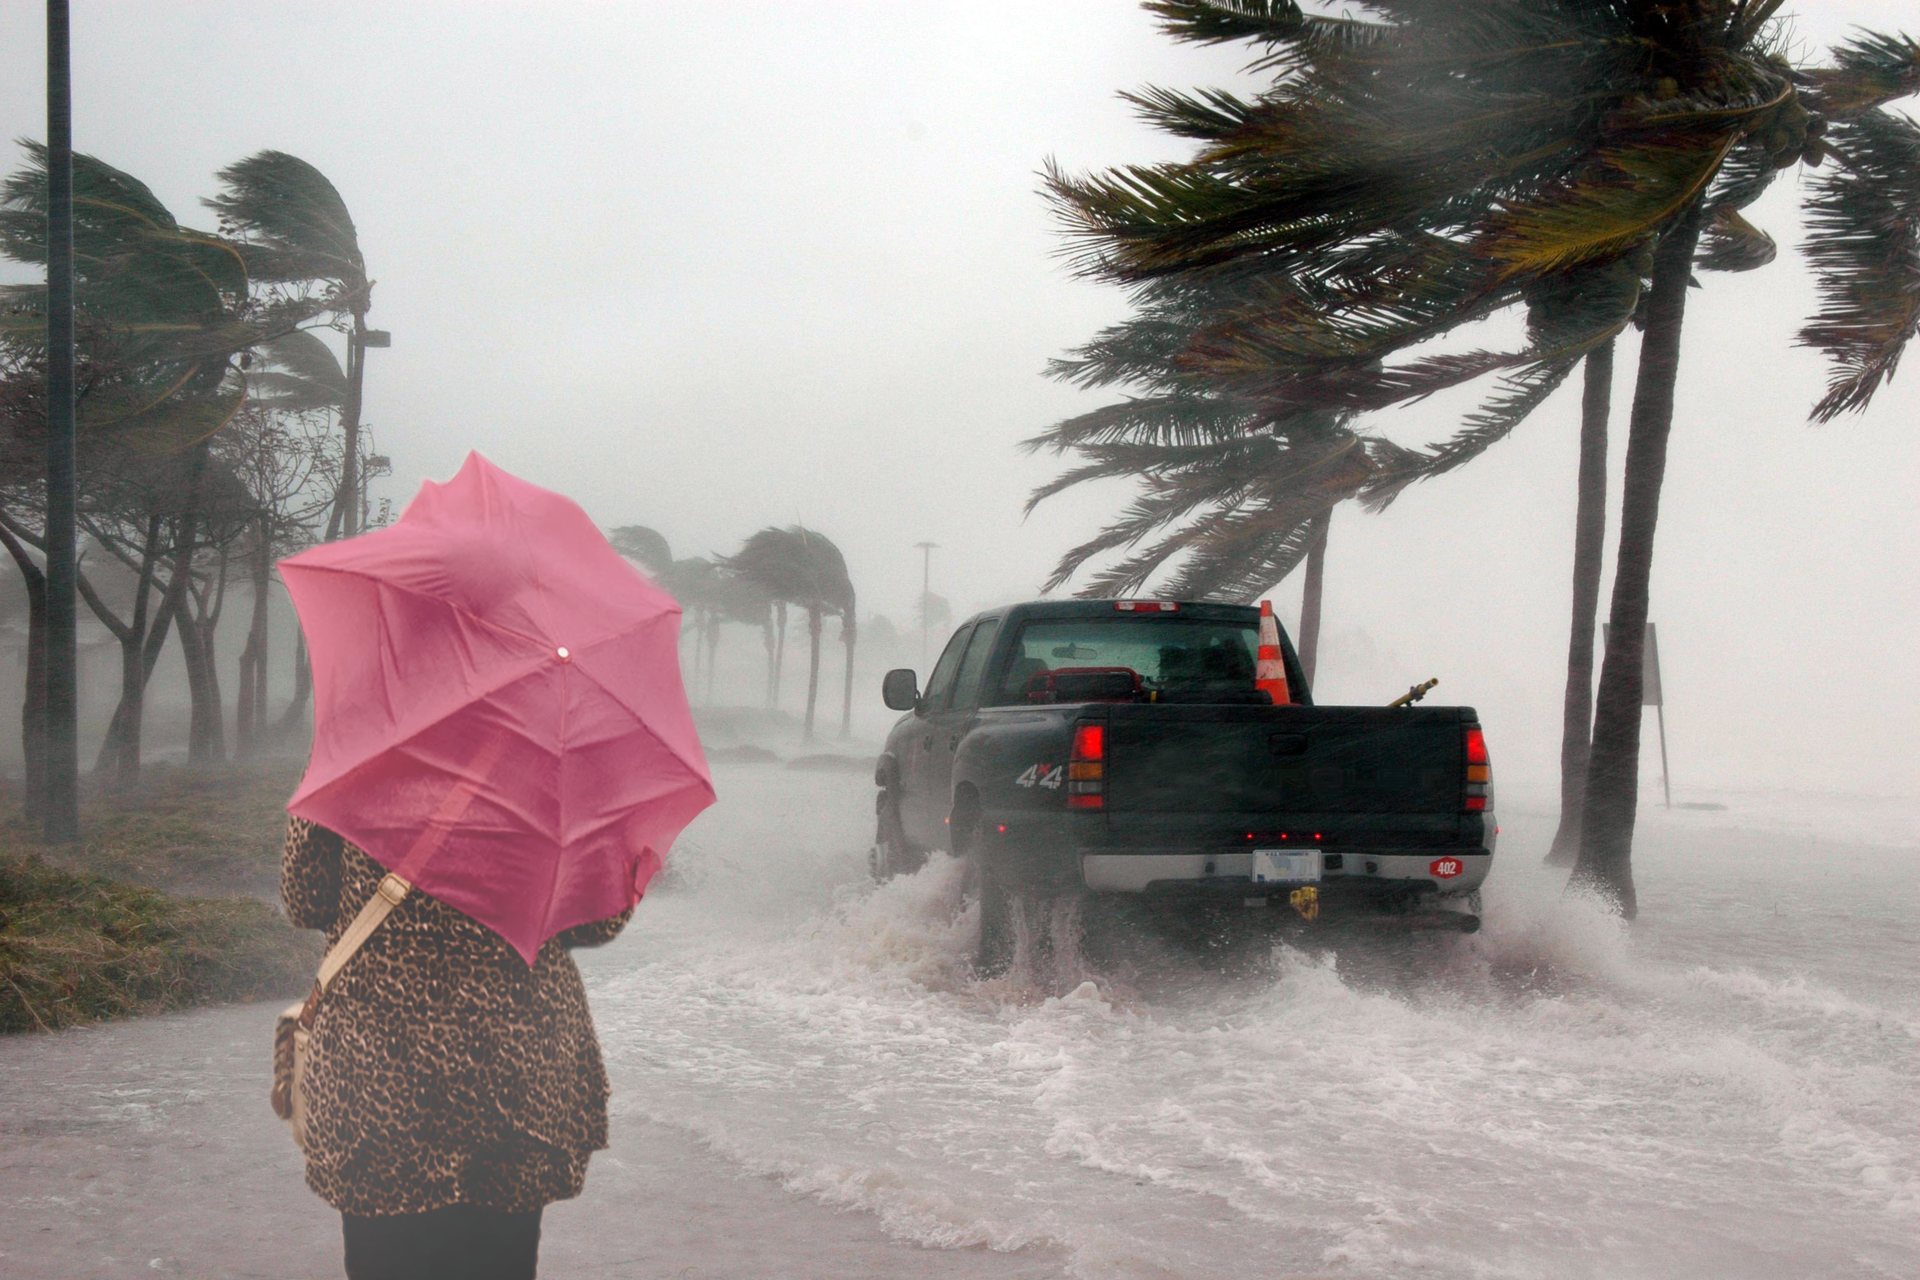 Kolorowe zdjęcie przedstawia drogę blisko wybrzeża. Po prawej stronie nadbrzeże. Wzdłuż drogi wysokie palmy. Na drodze samochód osobowy. Droga zalana jest wodą napływającą zprawej strony. Siła wiatru jest tak duża , że wygina gałęzie palm wlewo oraz spycha wodę daleko wgłąb lądu. Po lewej stronie drogi idzie kobieta trzymając mocno parasol. Kobieta tyłem do obserwatora zdjęcia. Wiatr mocno uderza wpowierzchnię parasola. Wgłębi zdjęcia pozostałe drzewa zgałęziami powyginanymi wlewo.